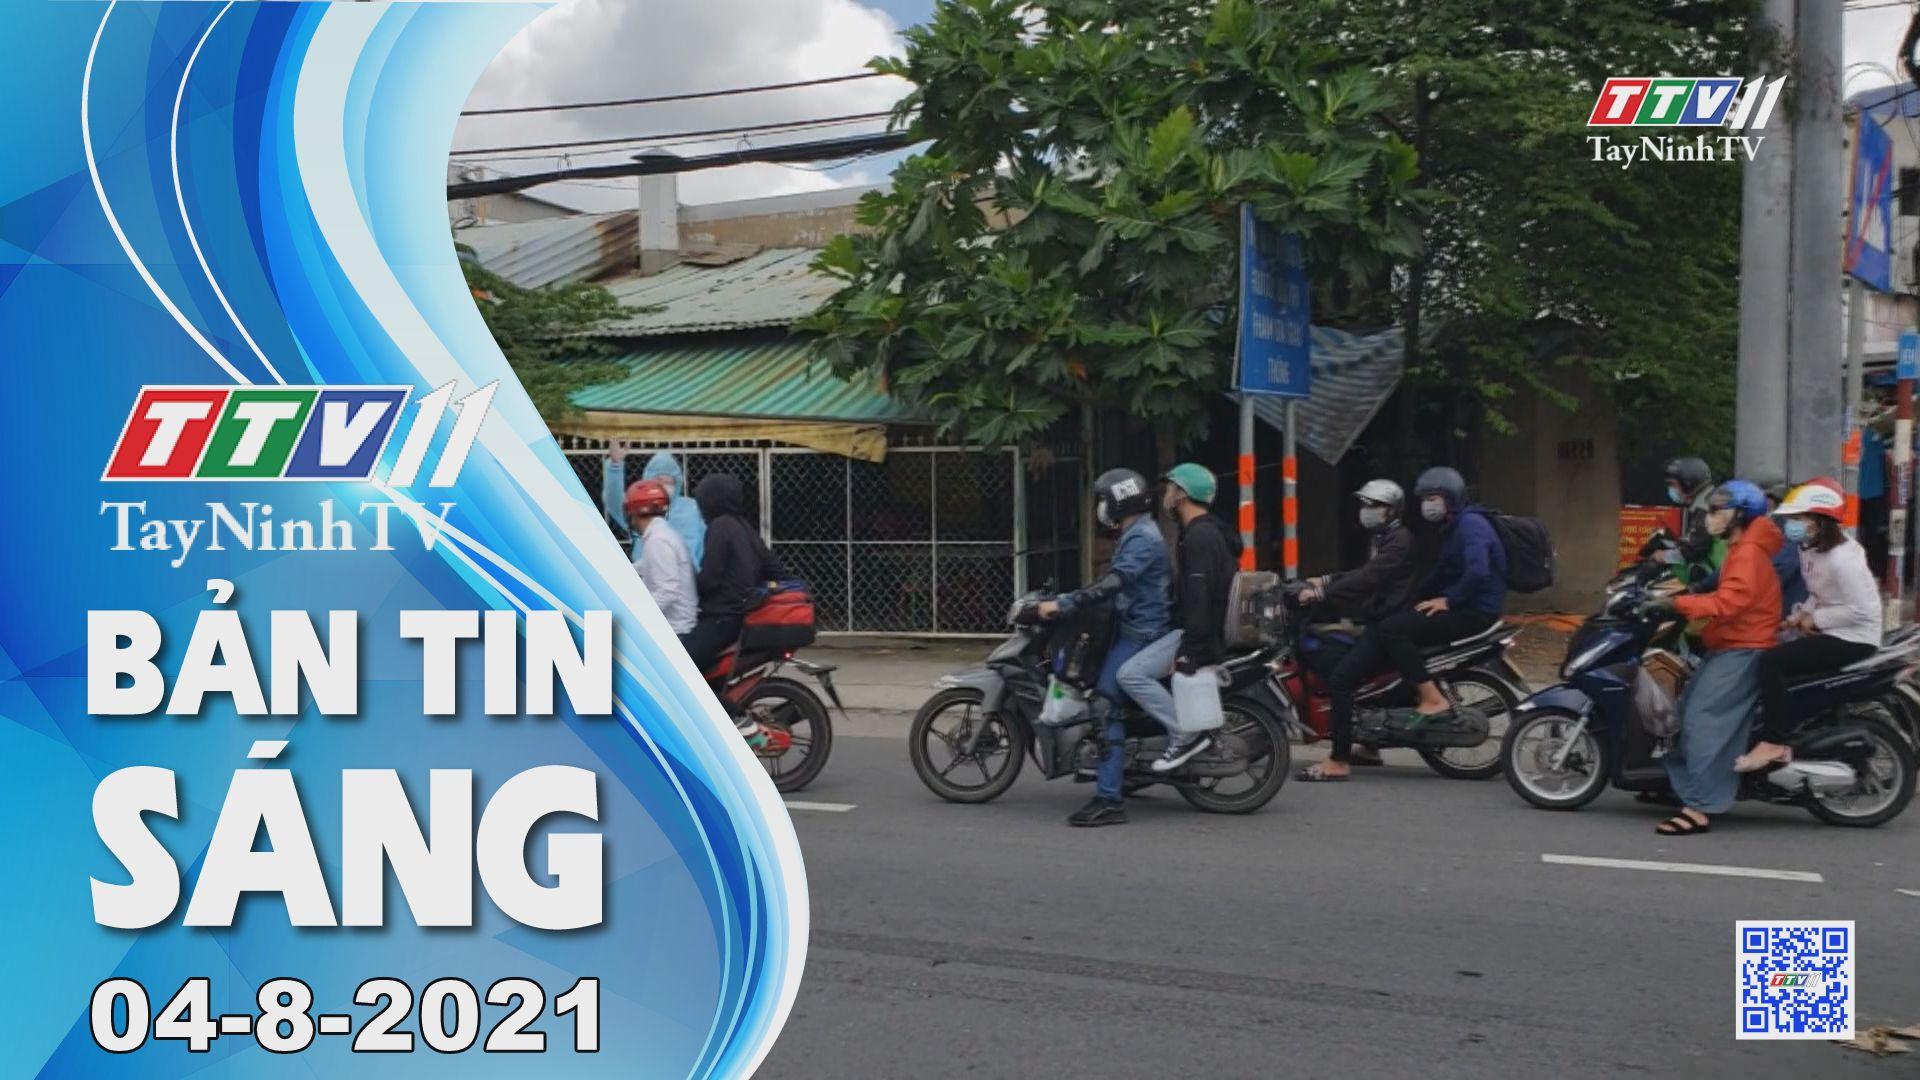 Bản tin sáng 04-8-2021 | Tin tức hôm nay | TayNinhTV